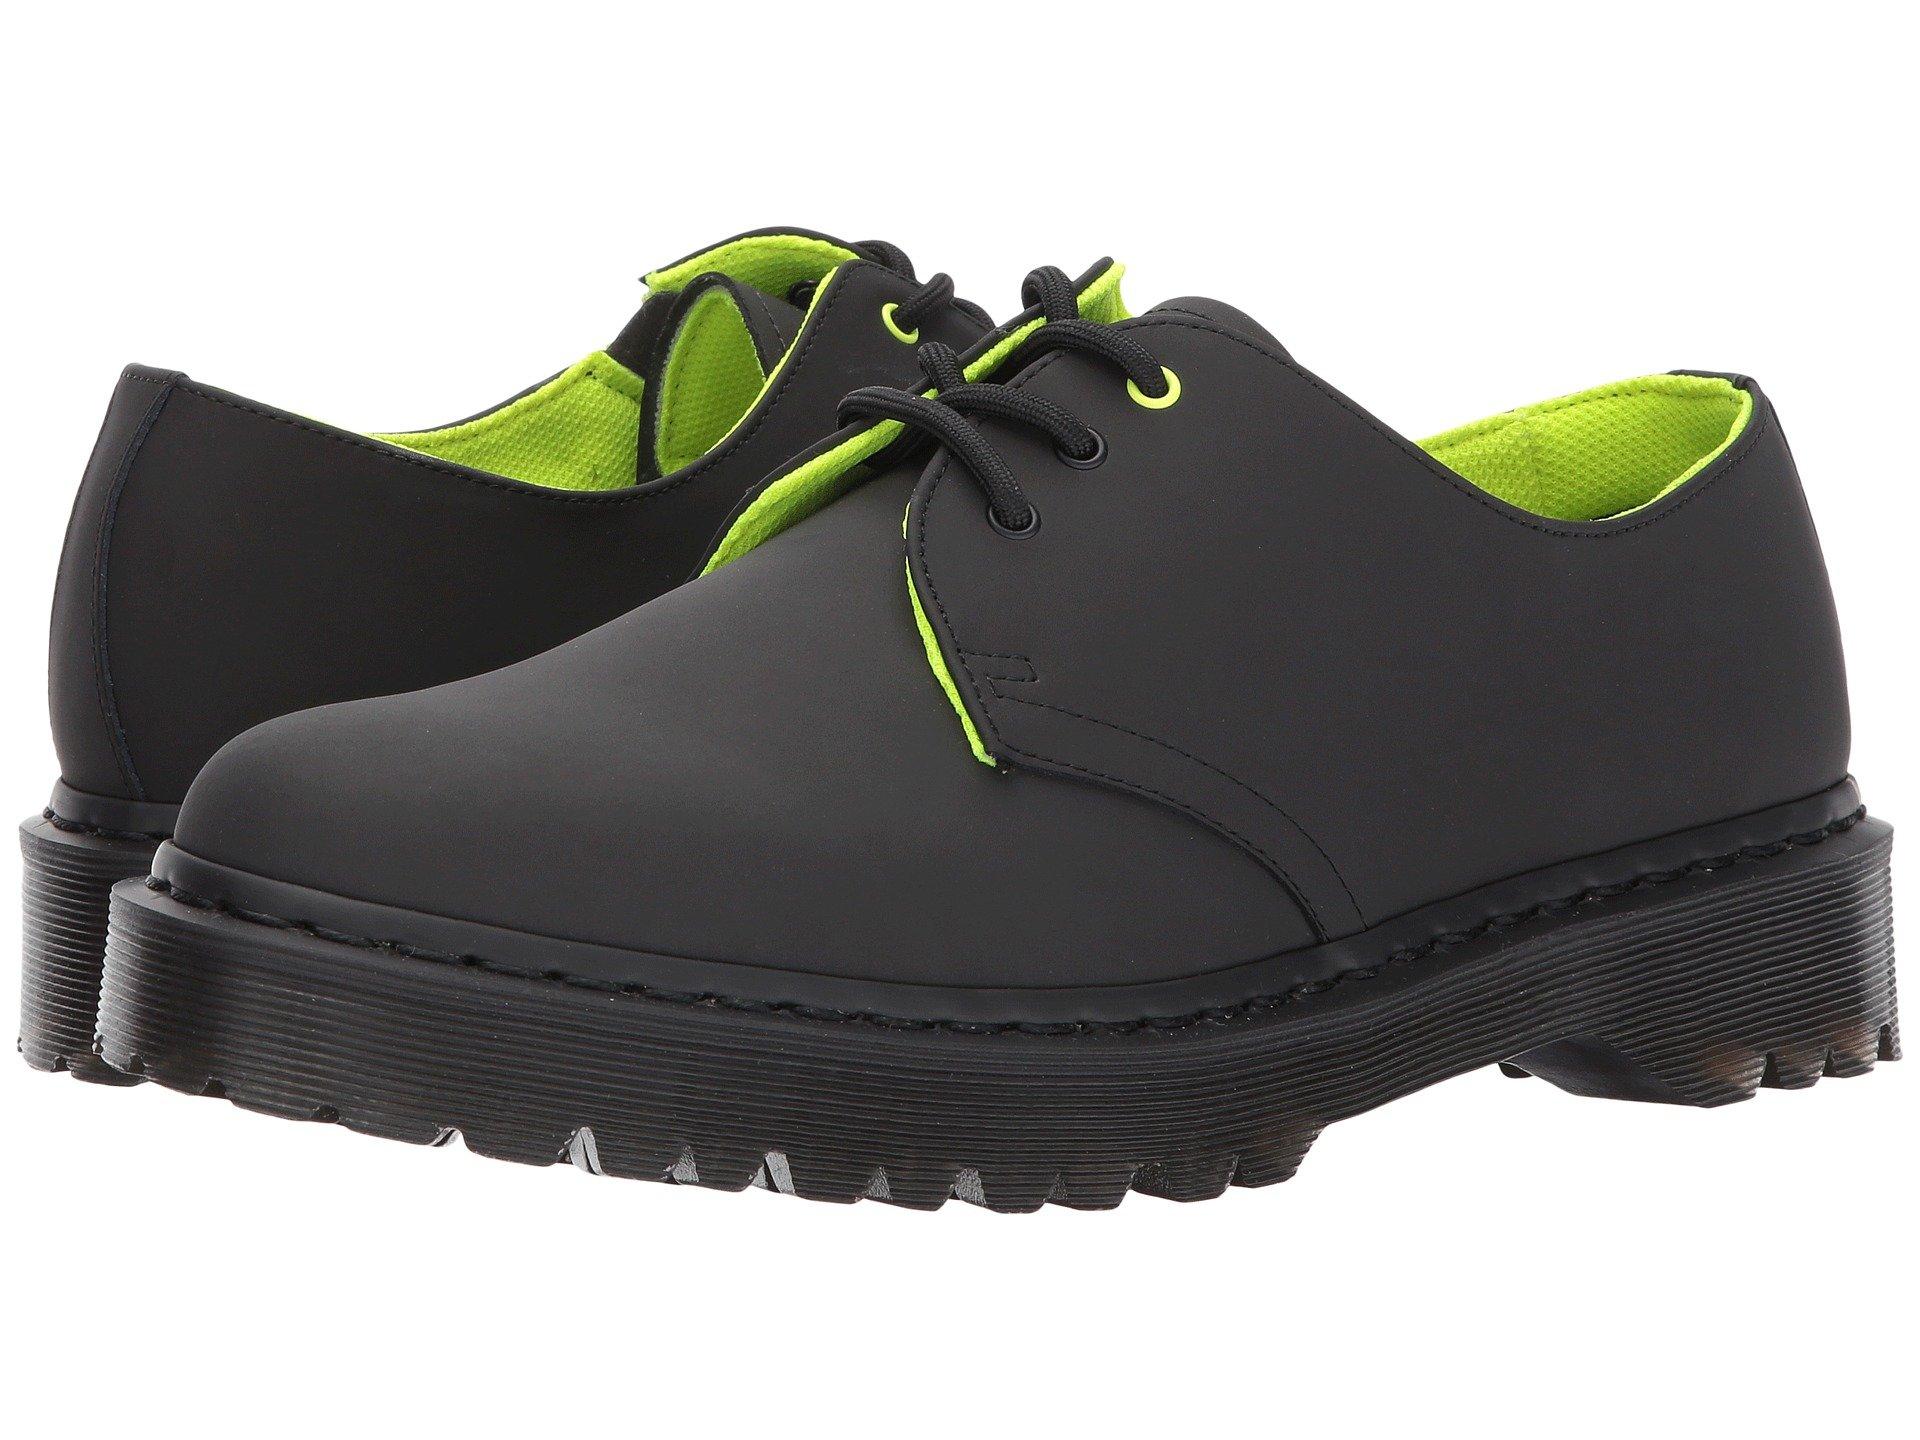 Calzado tipo Oxford para Hombre Dr. Martens 1461 Concept 3-Eye Shoe  + Dr. Martens en VeoyCompro.net